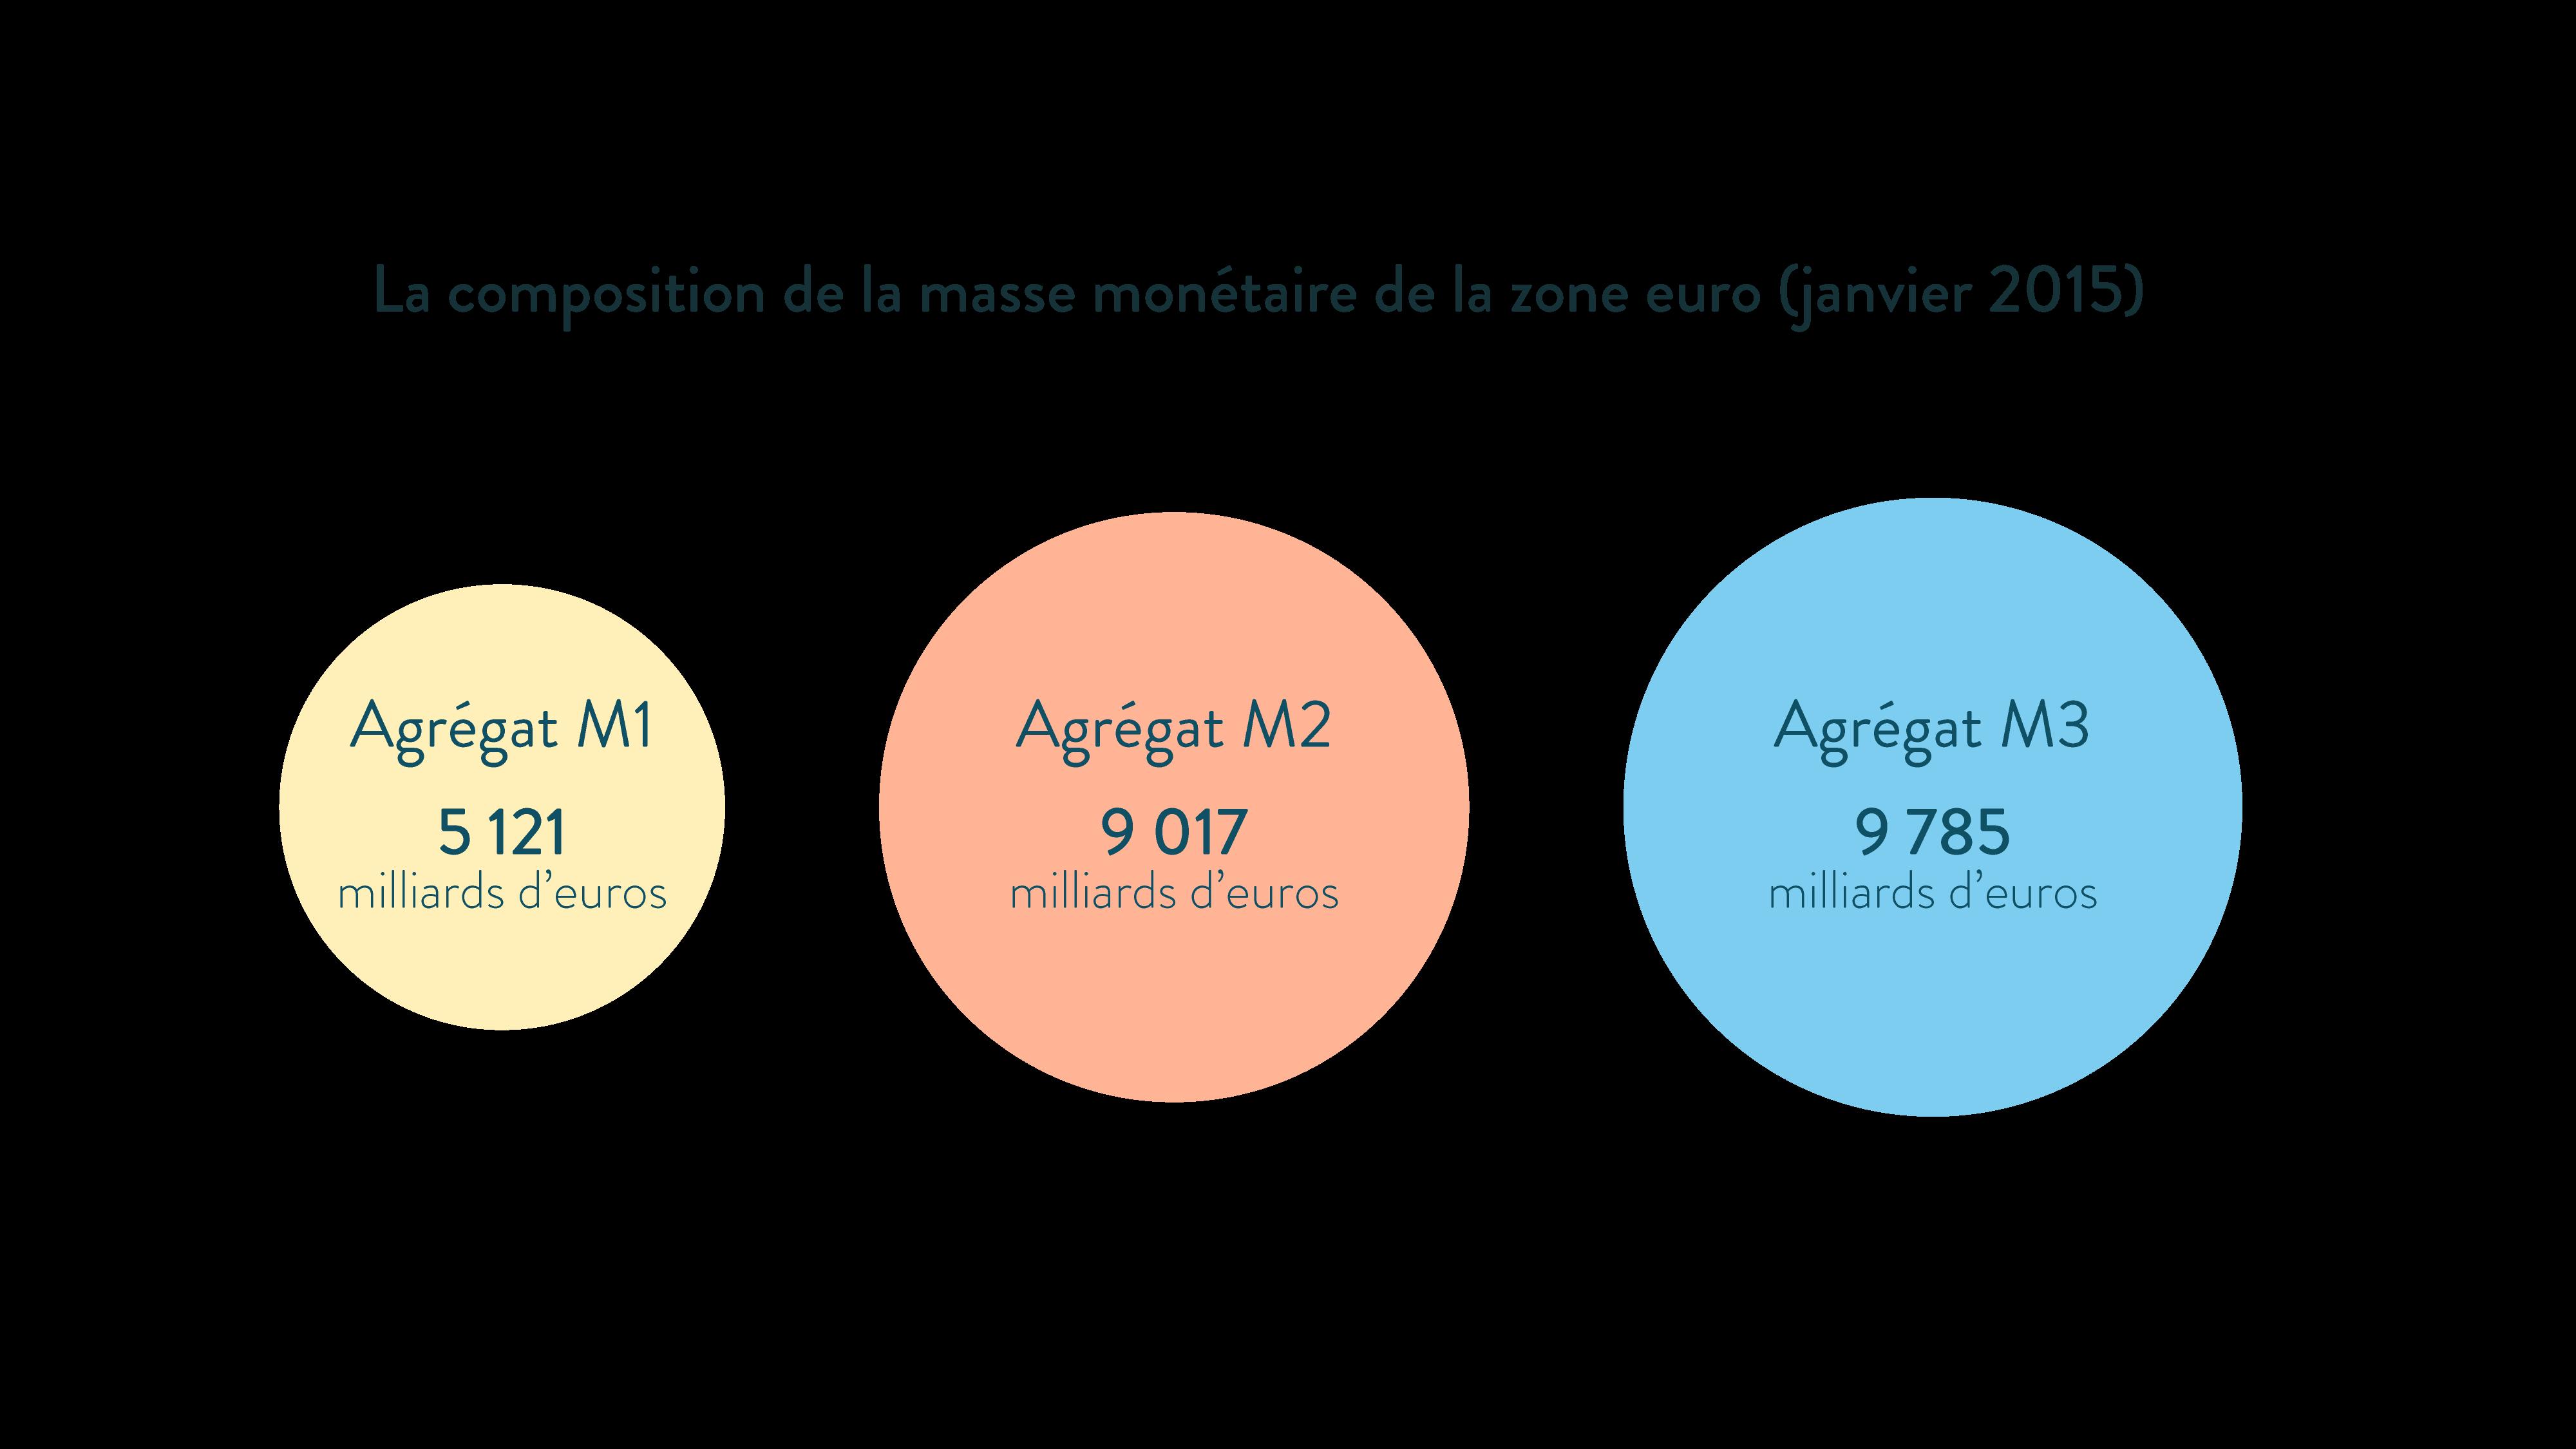 ses première composition de la masse monétaire de la zone euro (janvier 2015) agrégat M1 M2 M3